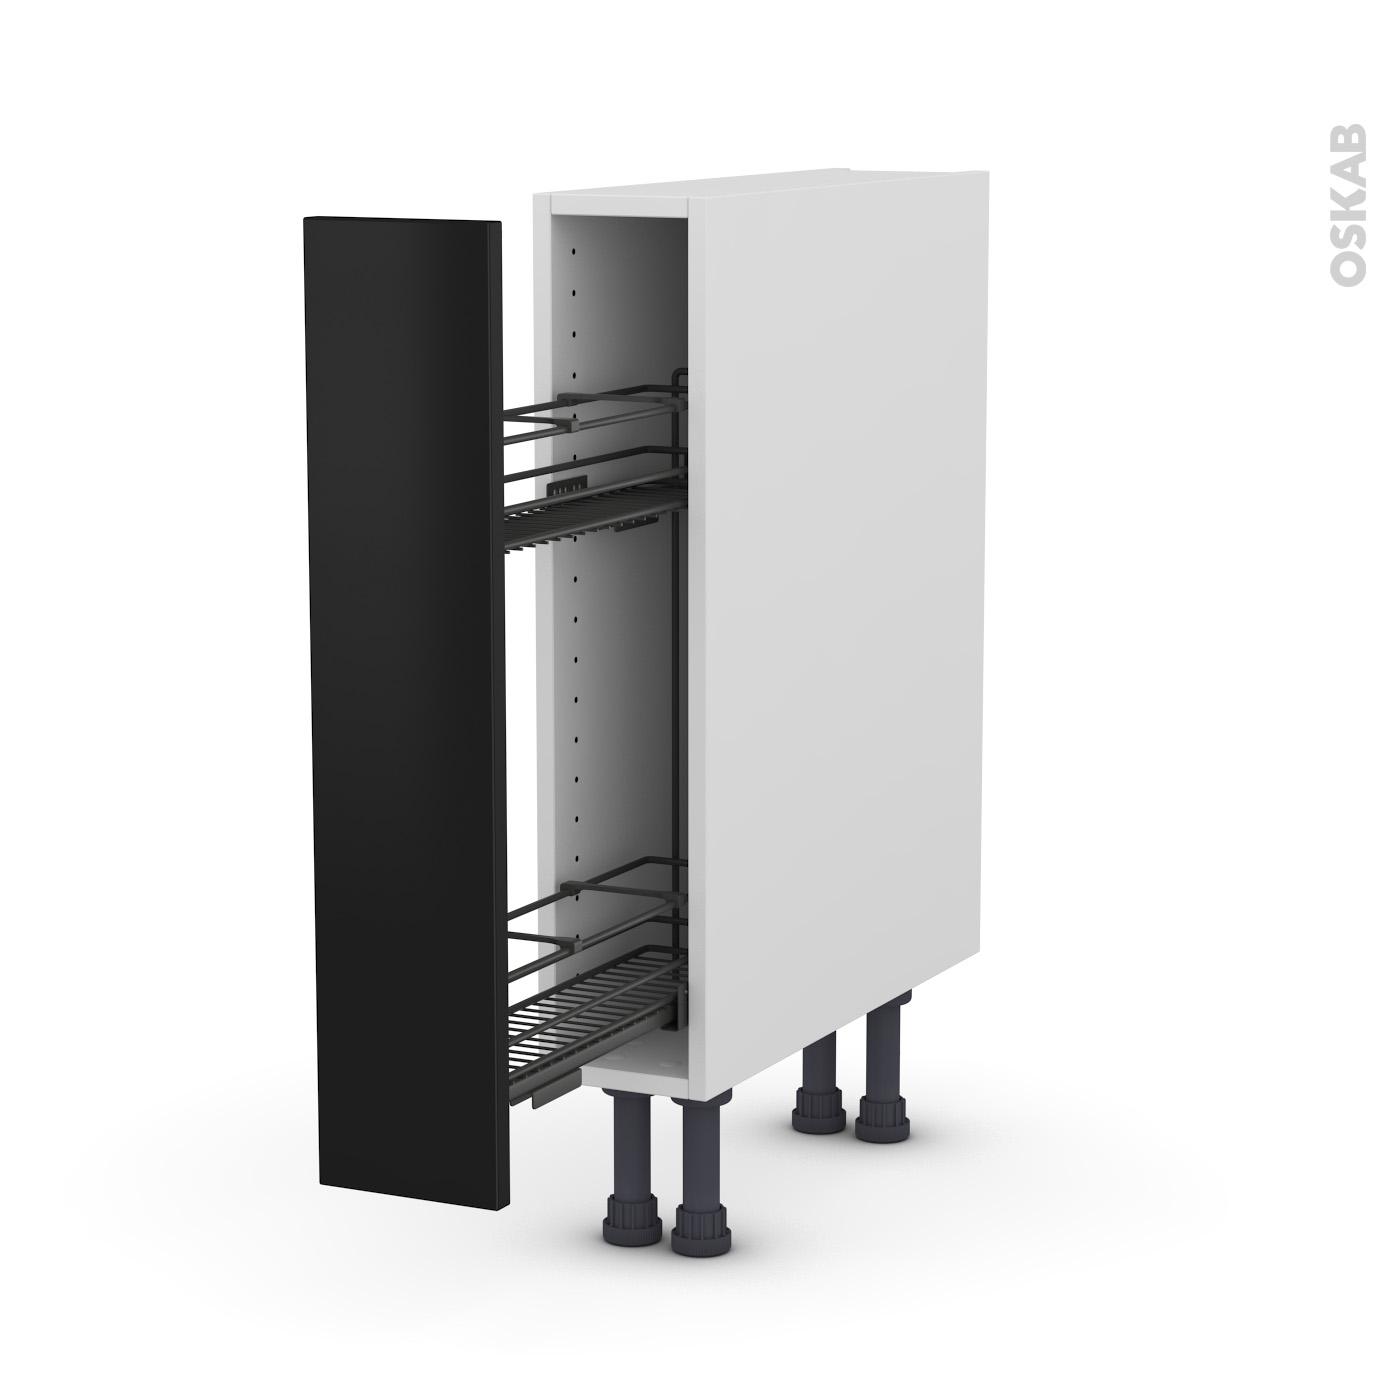 Meuble de cuisine Range épice epoxy GINKO Noir, 14 porte, L145 x H14 x P14 cm